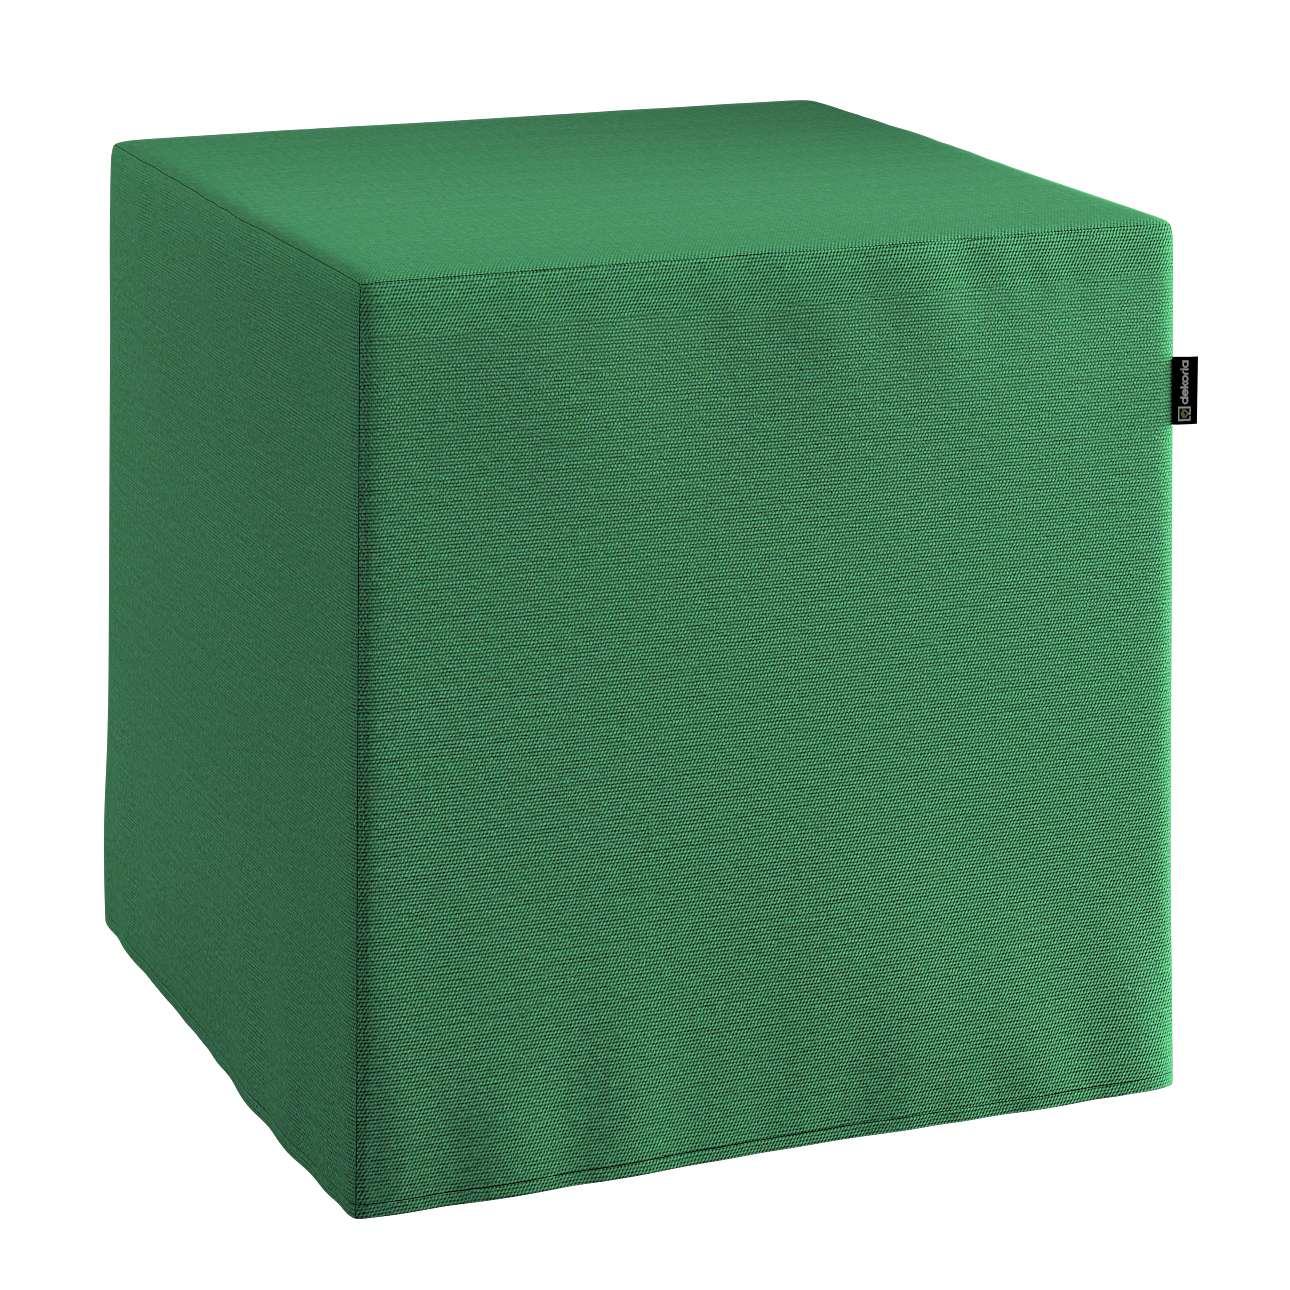 Pufa kostka twarda 40x40x40 cm w kolekcji Loneta, tkanina: 133-18